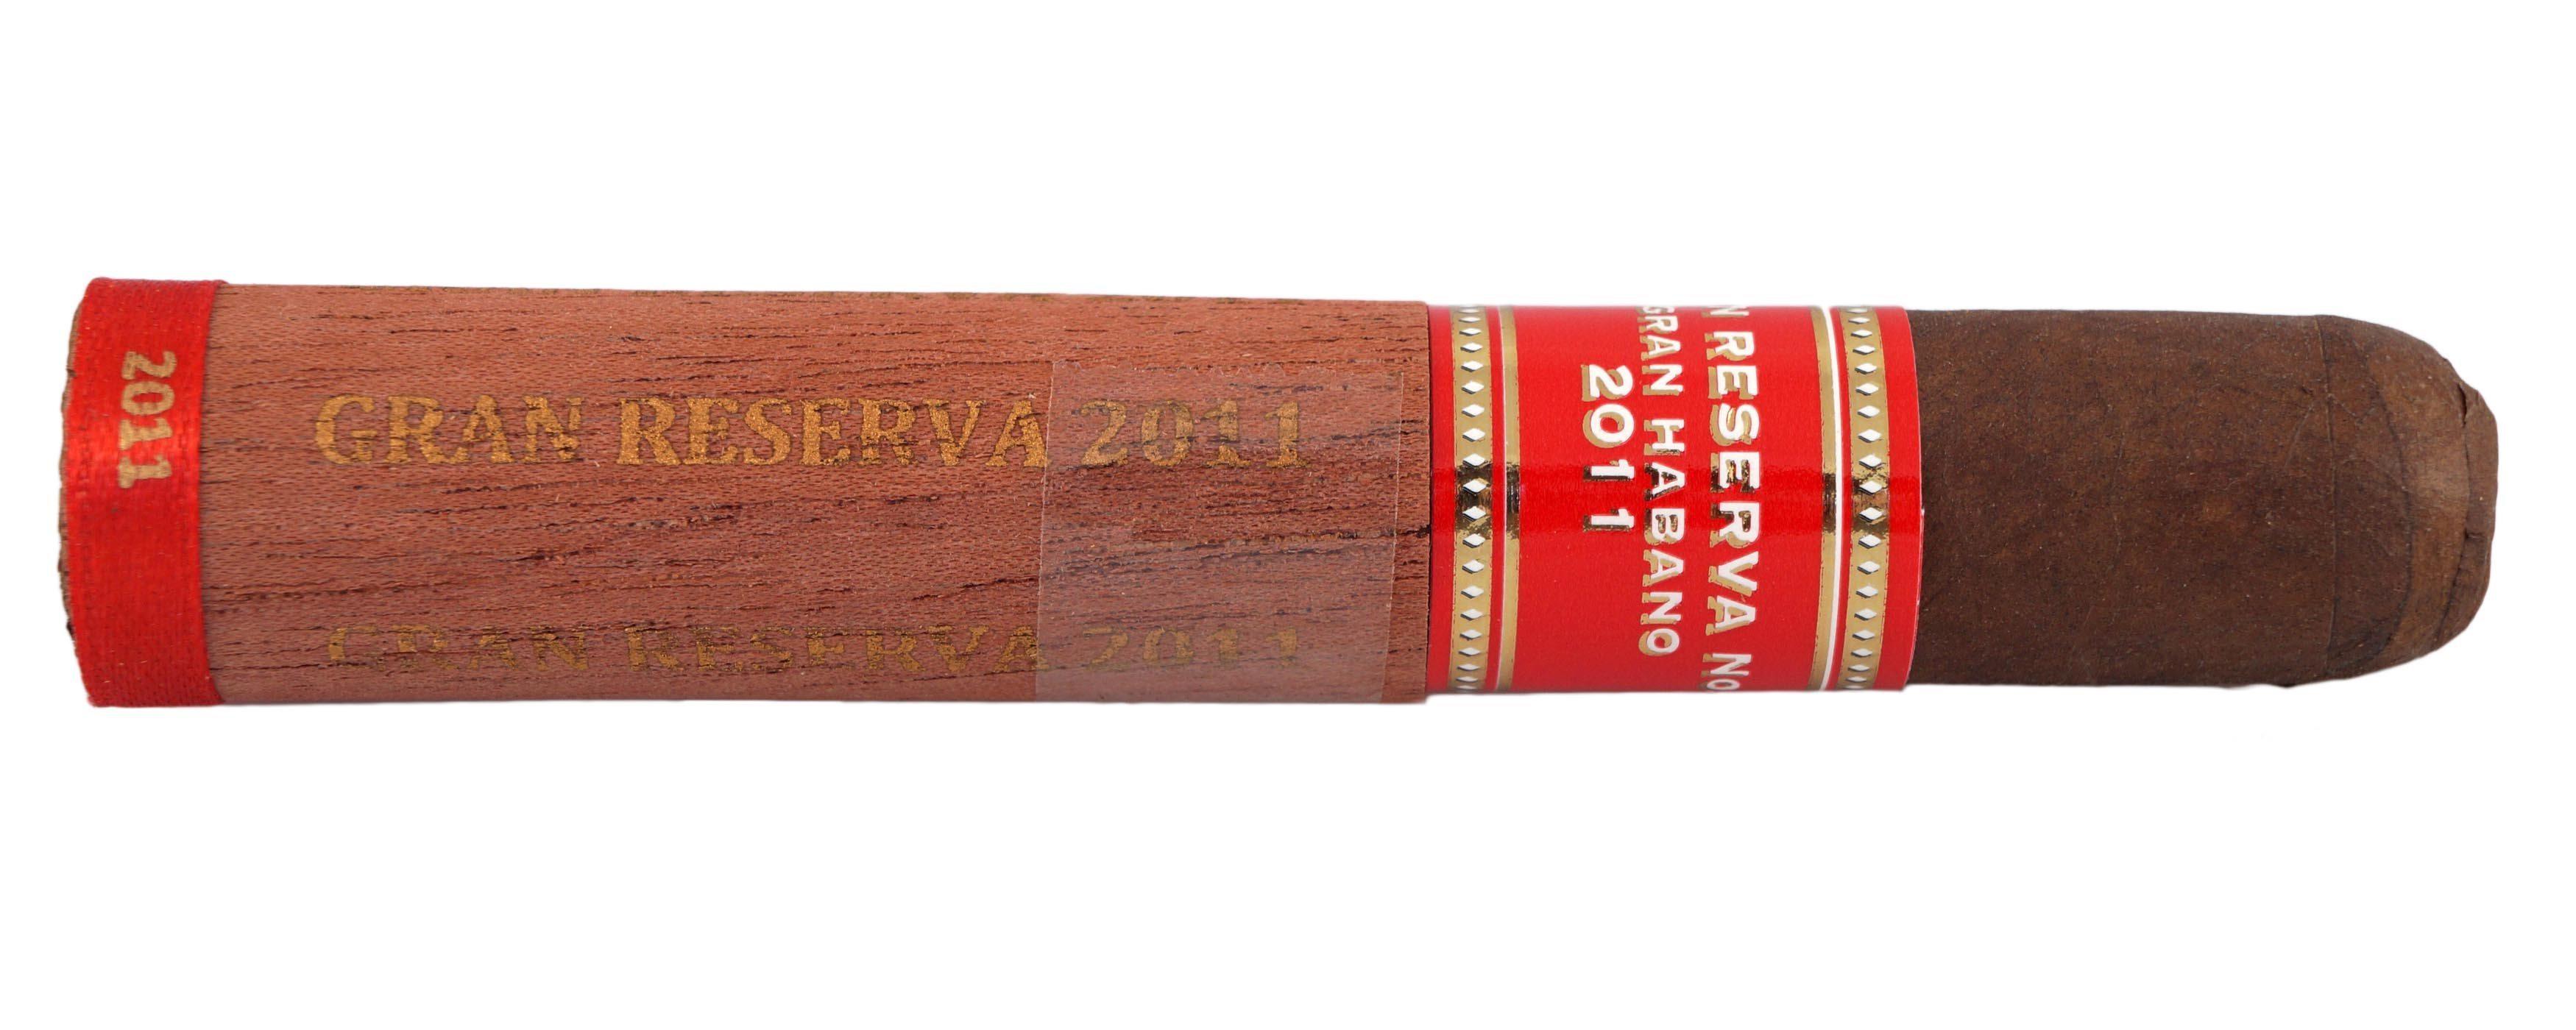 Blind Cigar Review: Gran Habano | Gran Reserva No. 5 2011 Robusto